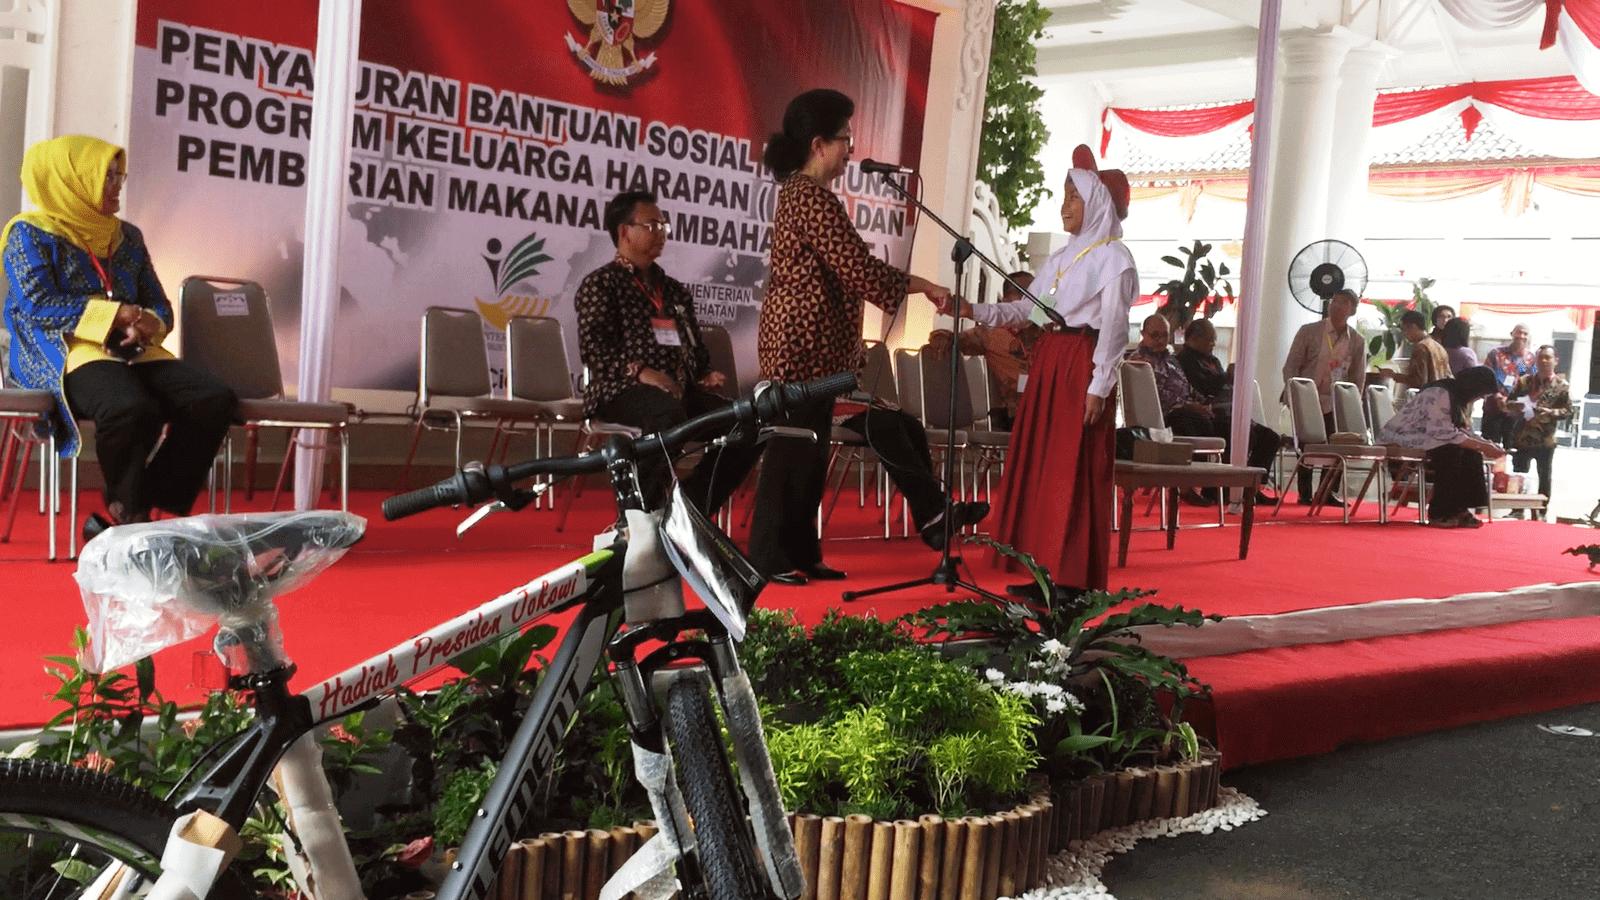 10-6-2017-menkes-membagikan-sepeda-kepada-anak-sekolah